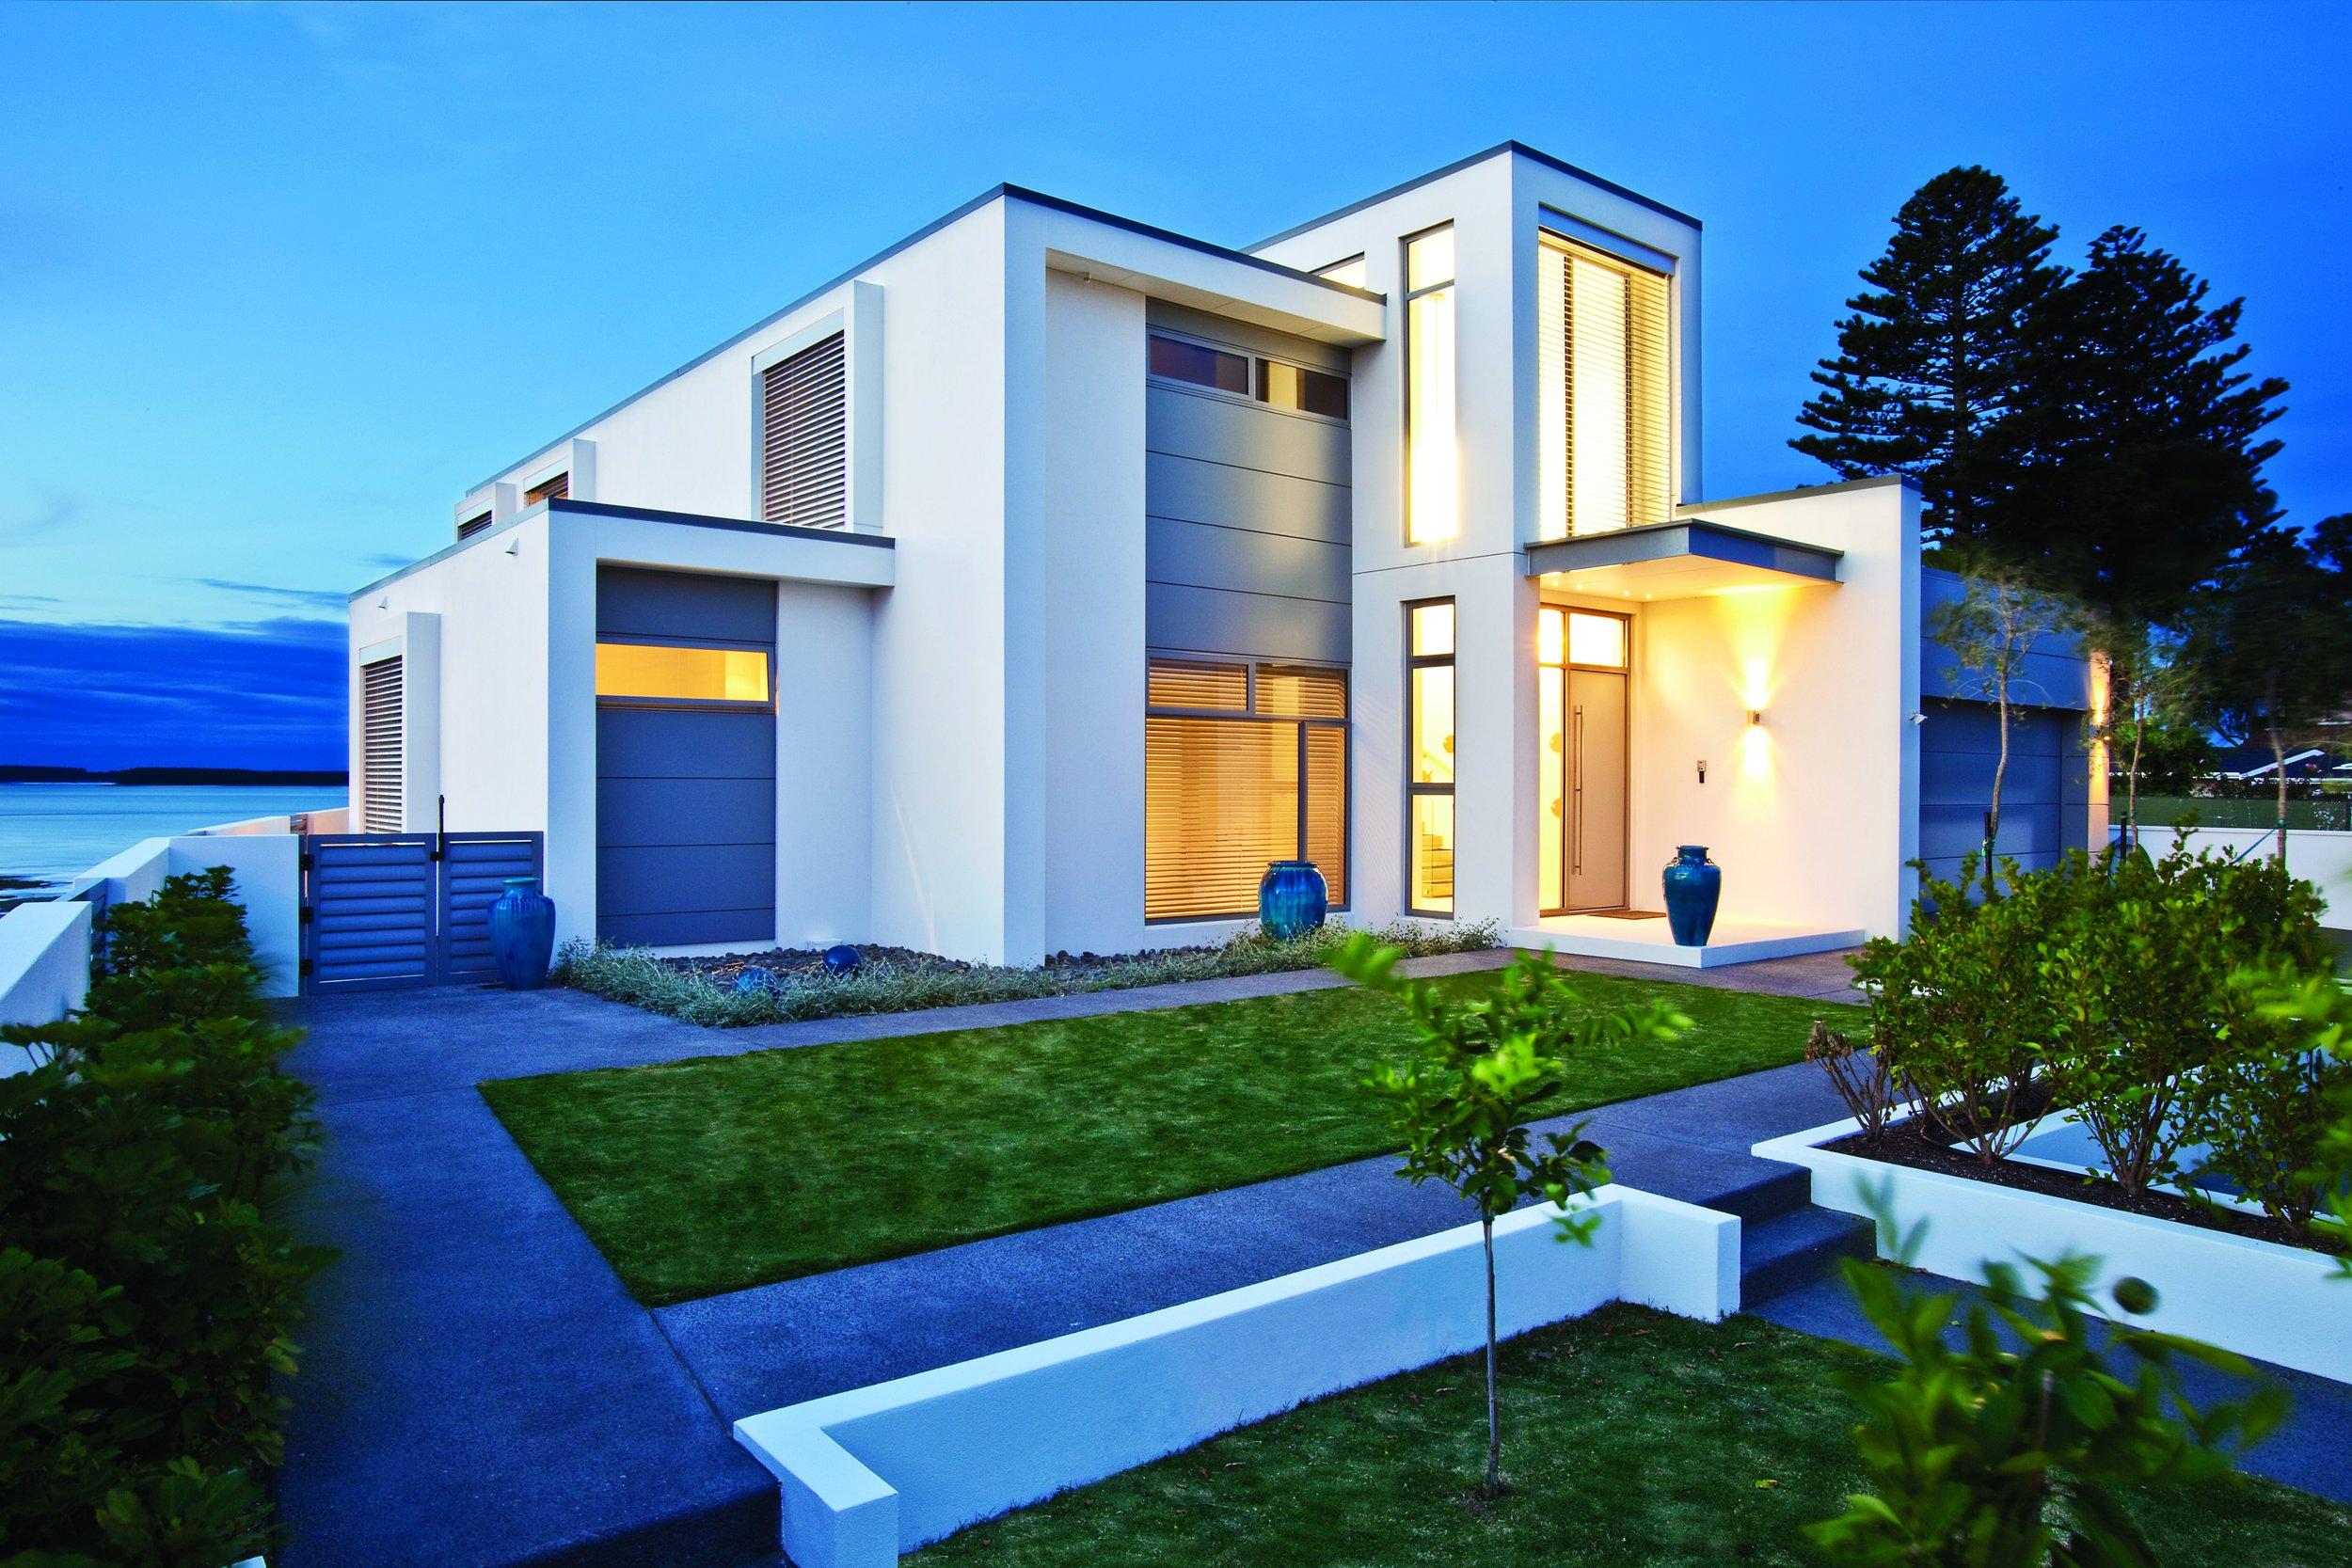 Matt Hodson Cat 2  Woods Ave Residence - Exterior 1_5120x3413.jpg